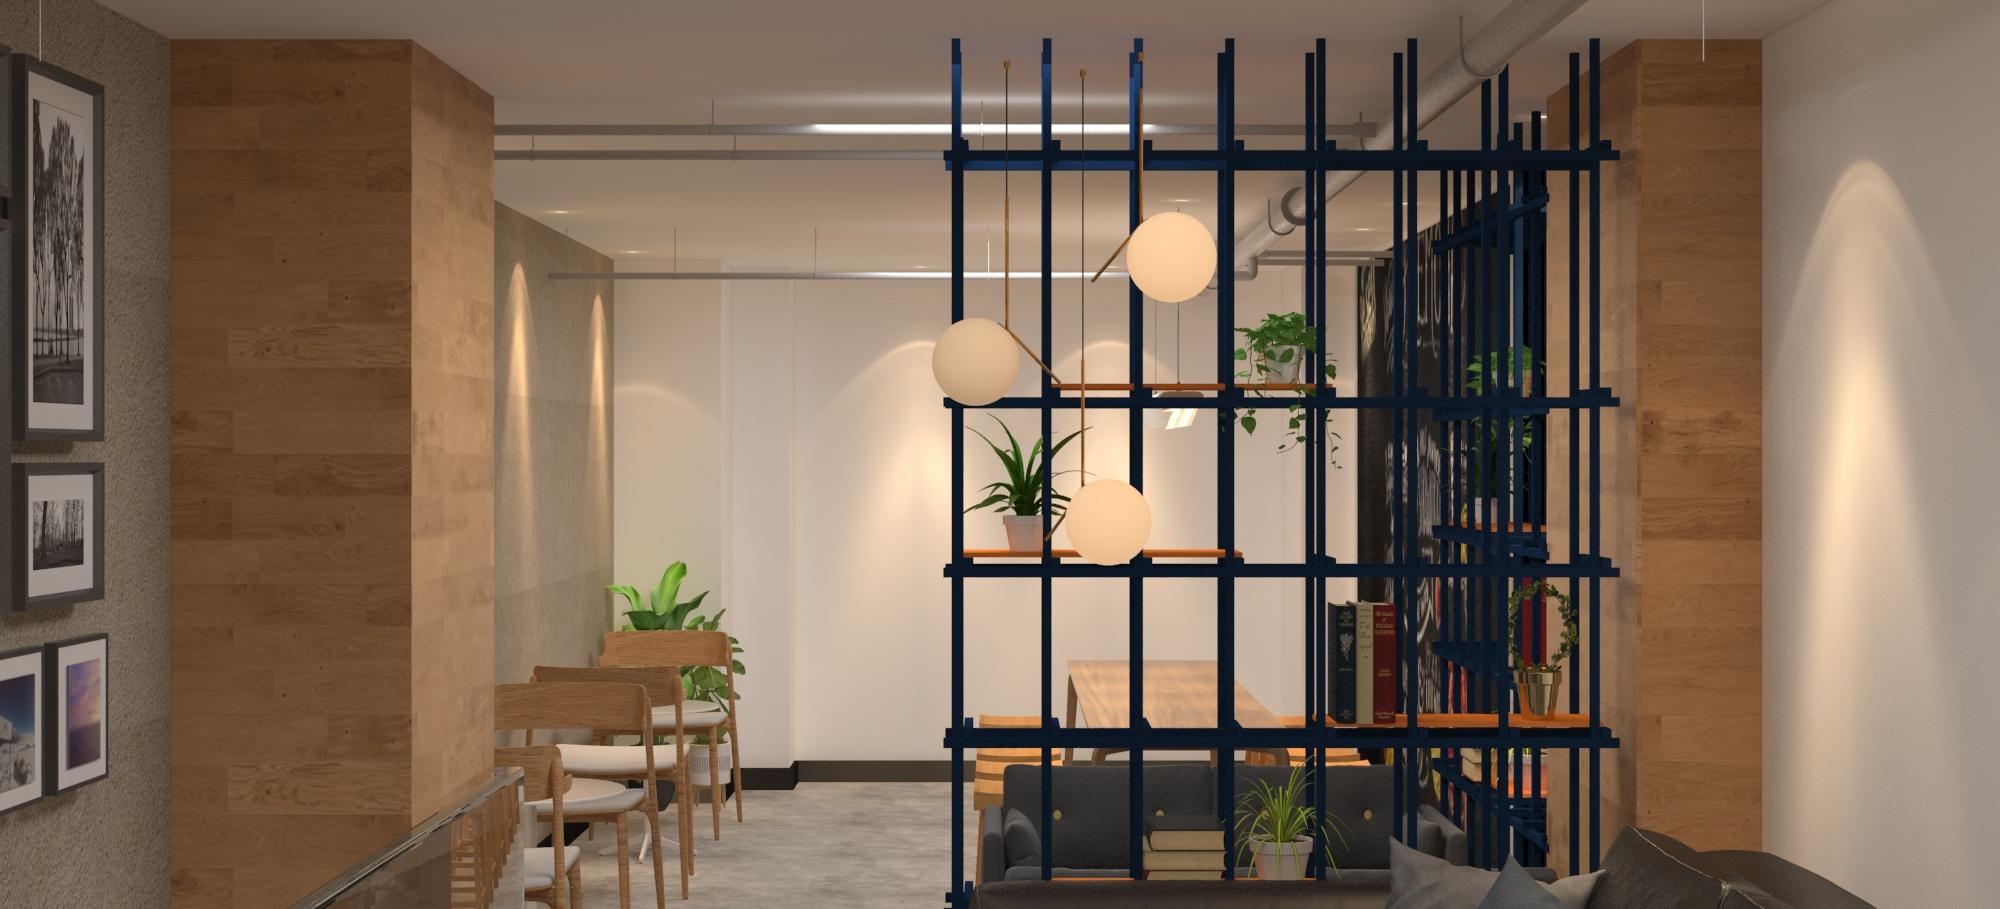 咖啡店沙发区设计图